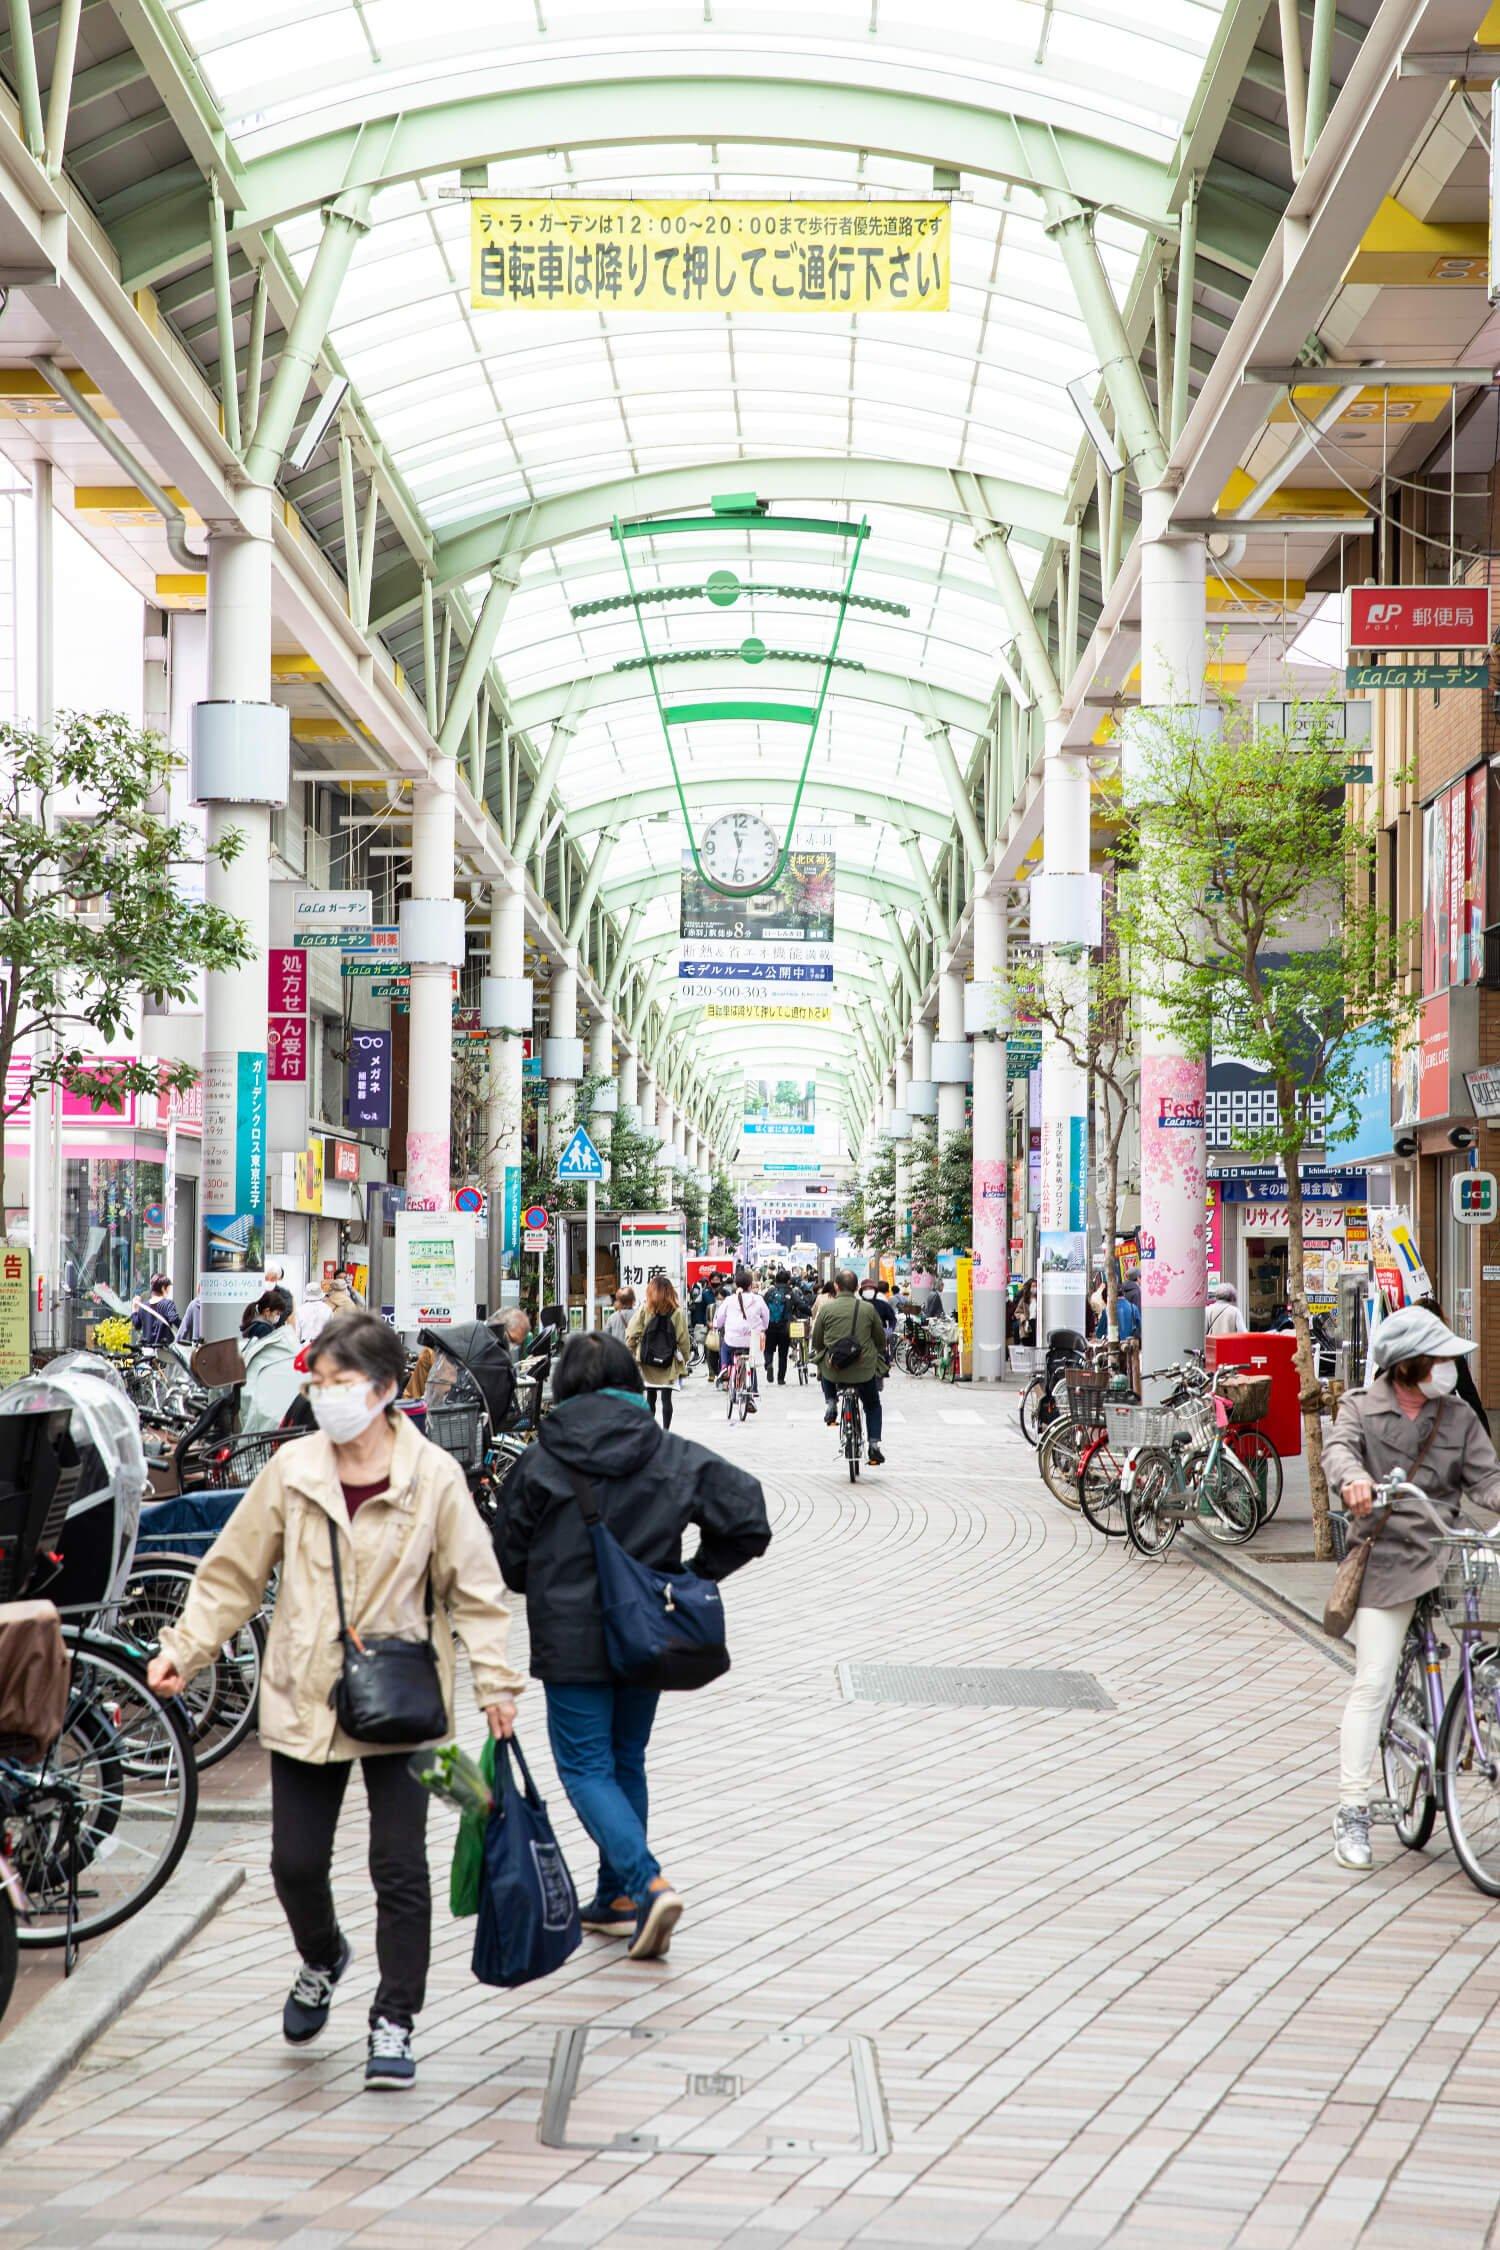 """赤羽駅の東口は知る人ぞ知る""""自転車天国""""。『ダイエー』が入る「LaLaガーデン」には駐輪スペースがたくさん。"""